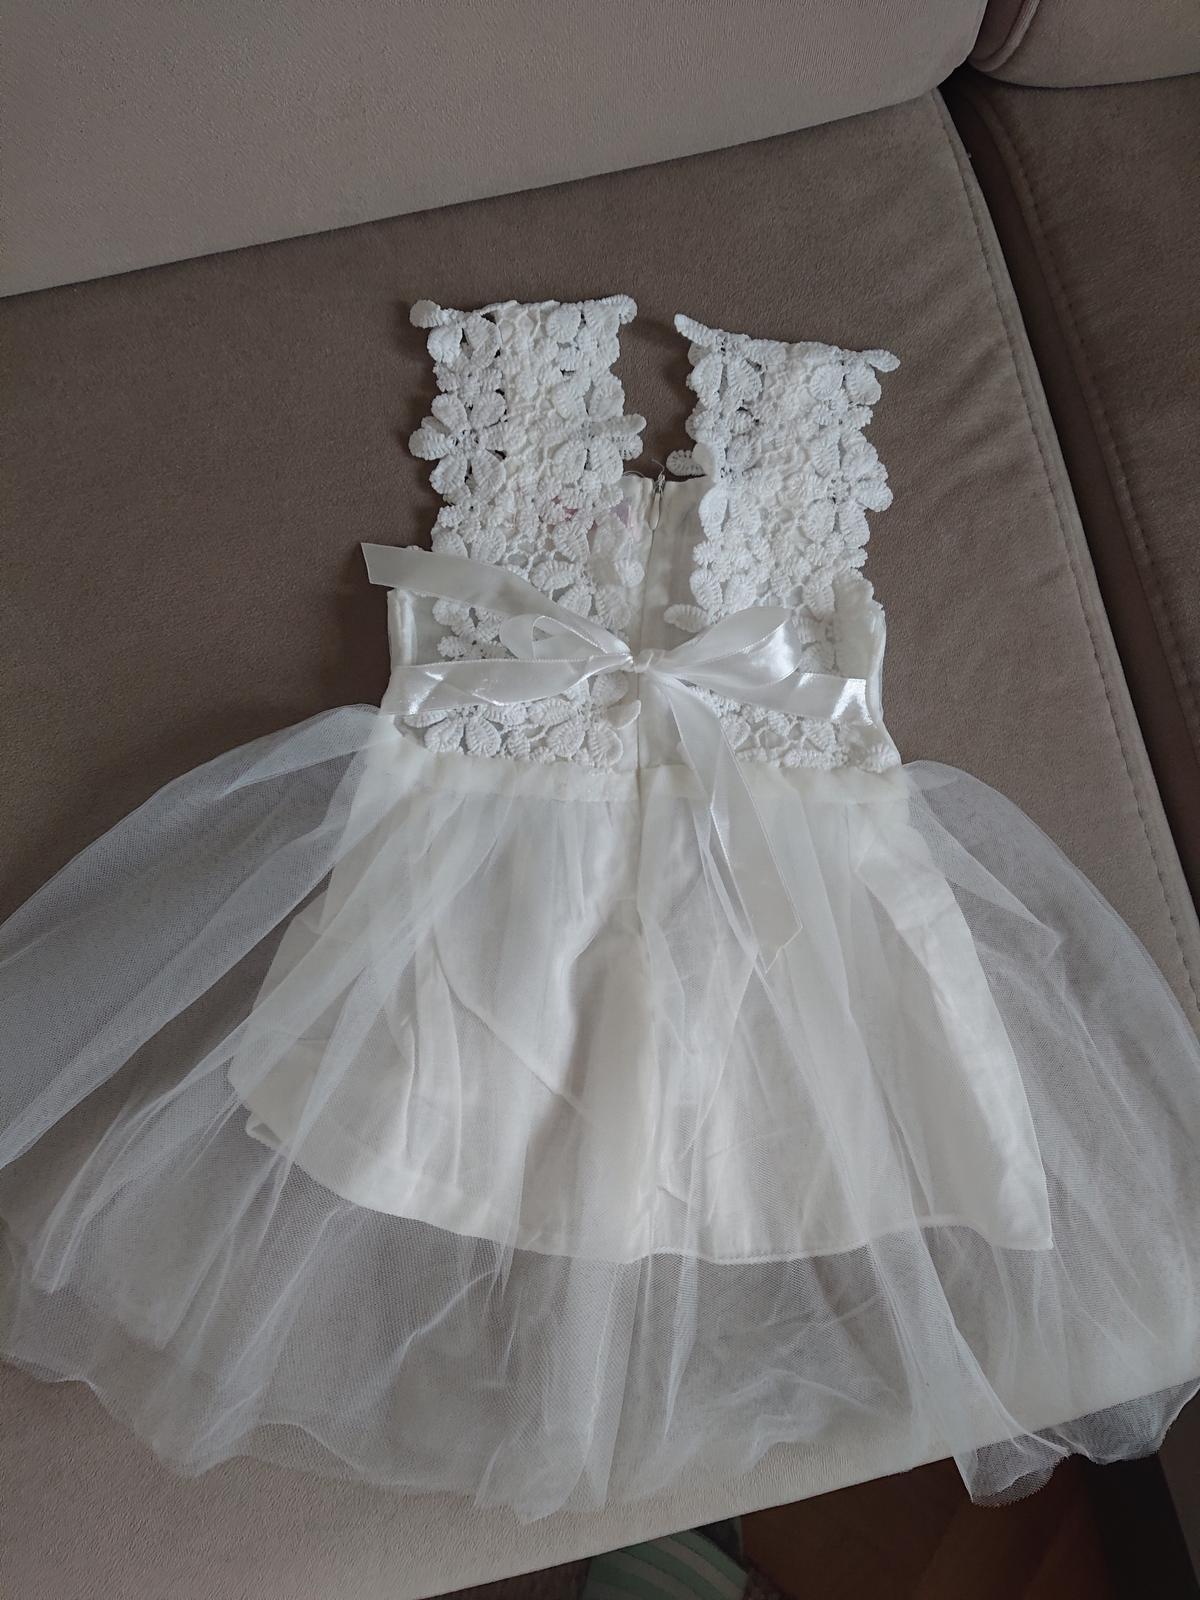 Dětské svatební šaty (vel. 80) - Obrázek č. 1